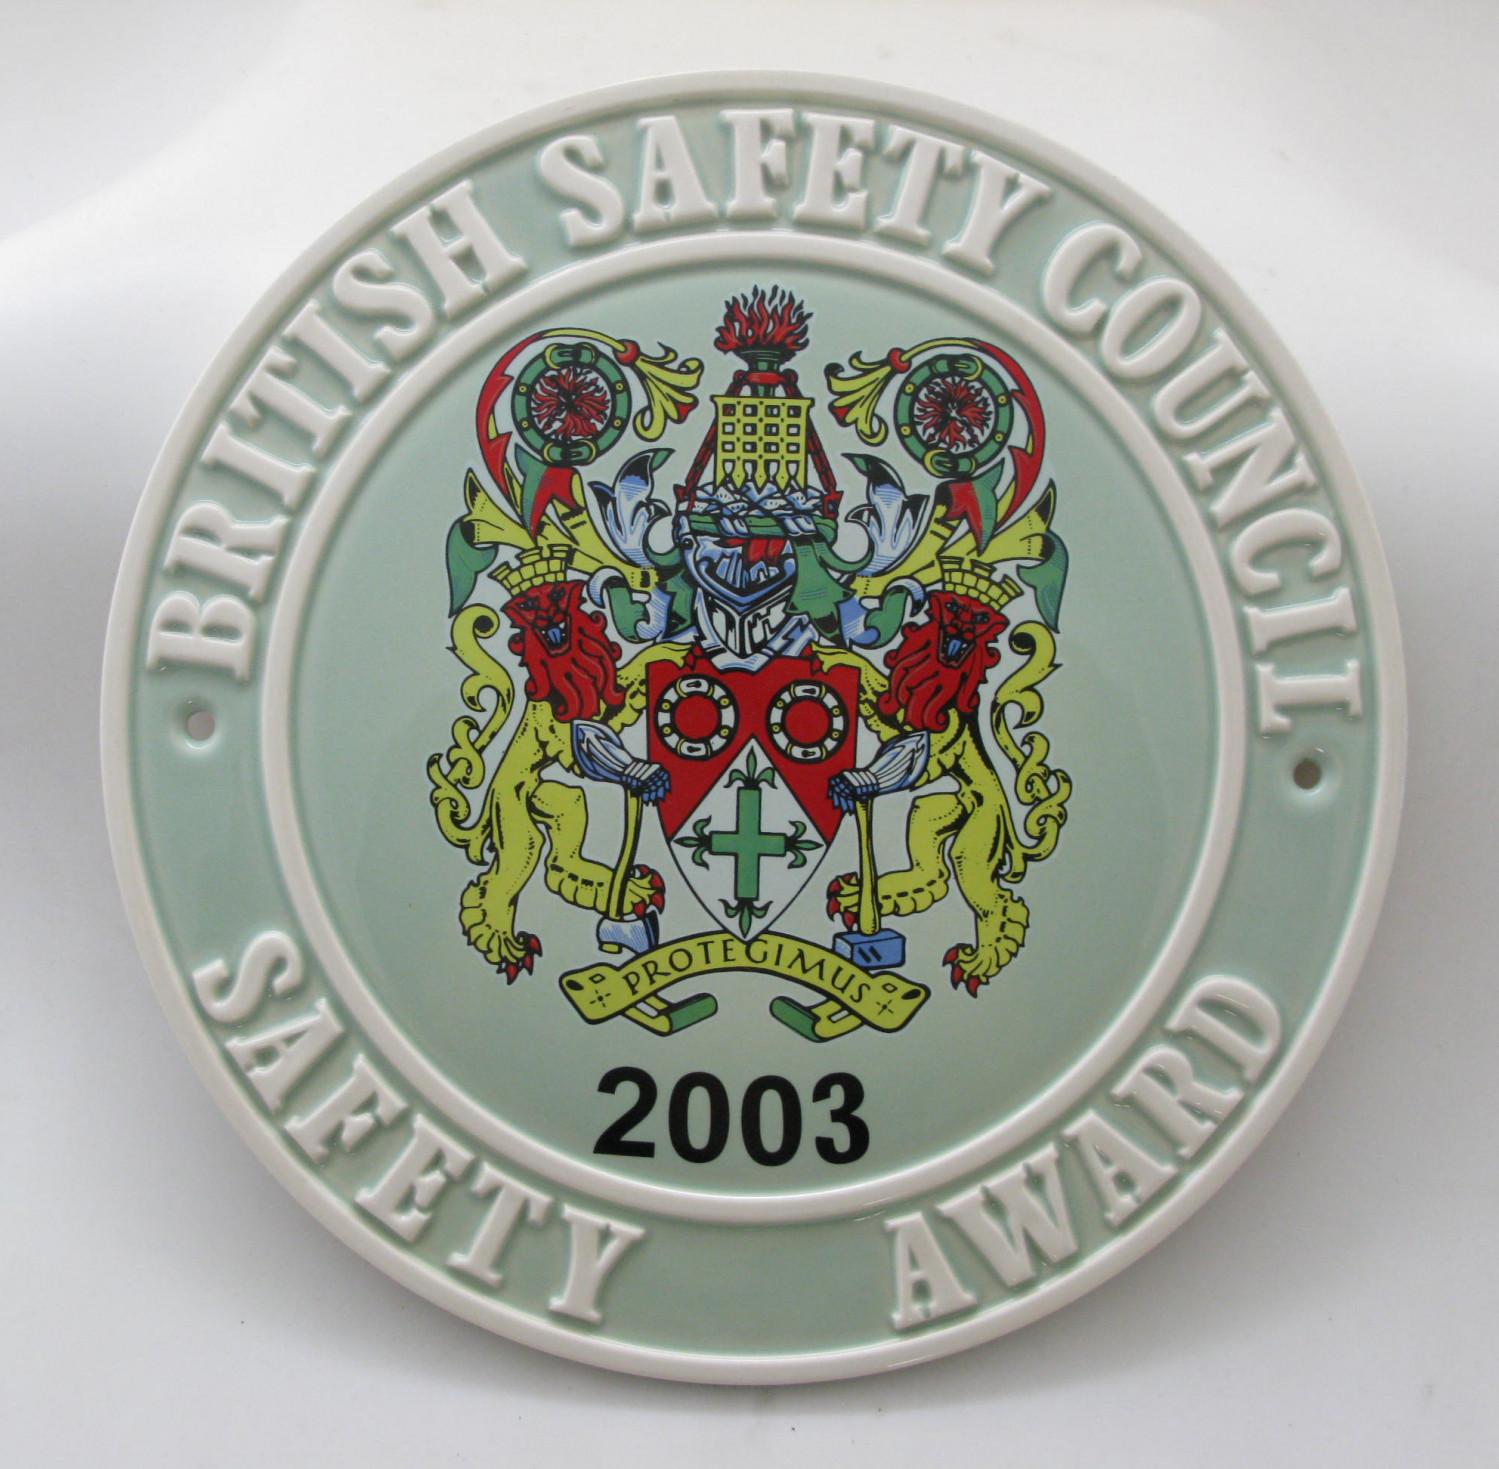 Safety Award  2003